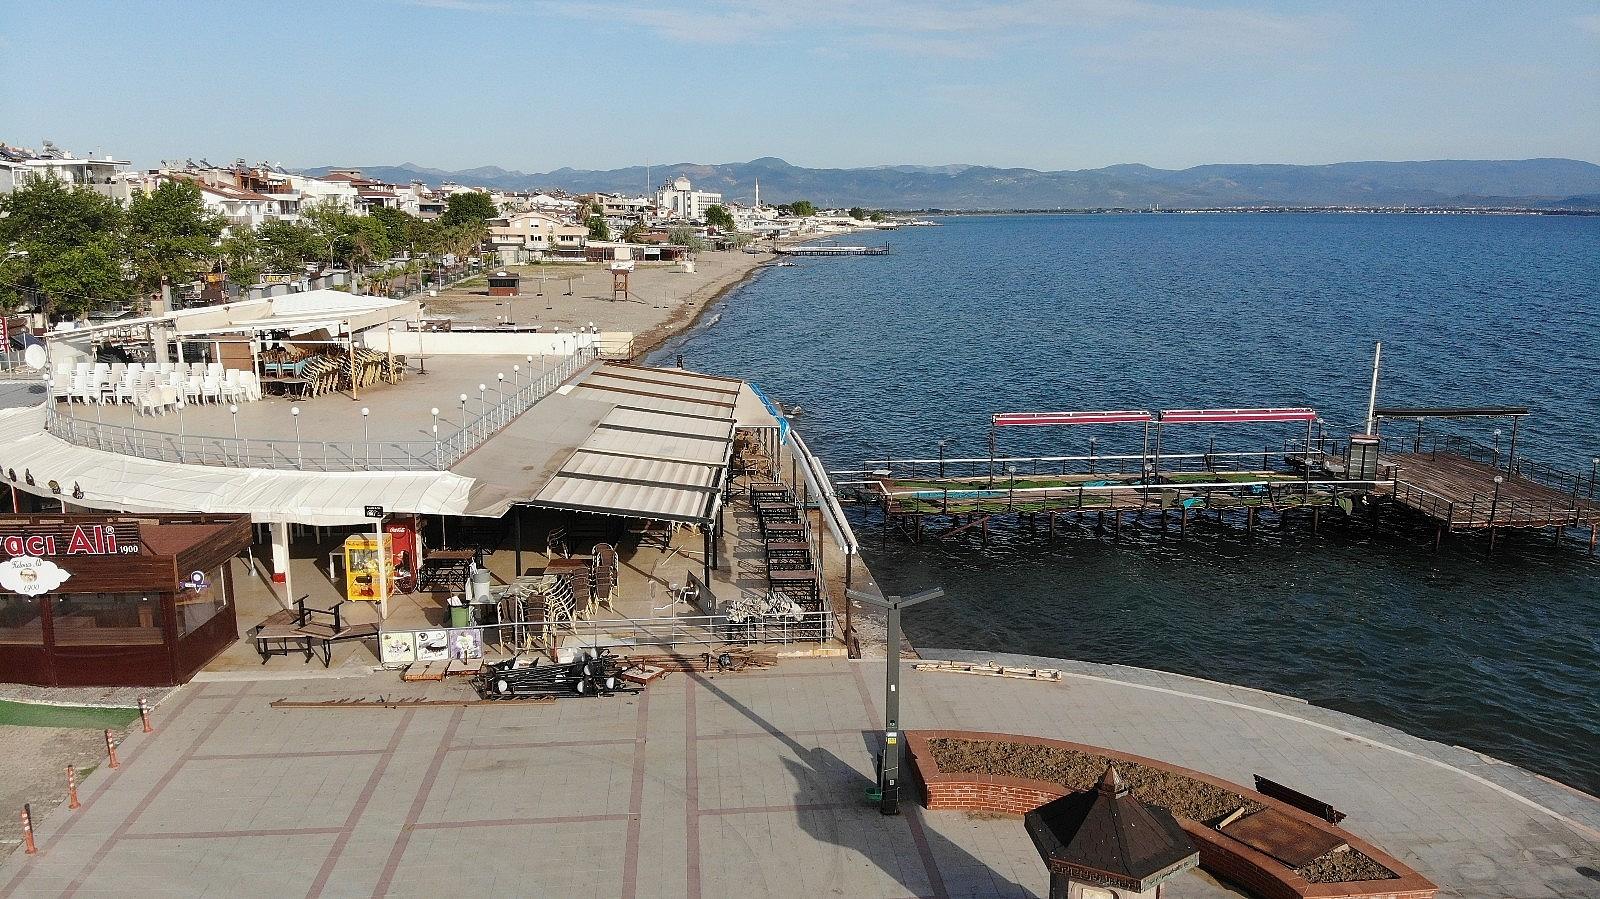 2021/05/plajlar-ve-sahiller-bayramin-birinci-gununde-bos-kaldi-20210513AW31-3.jpg